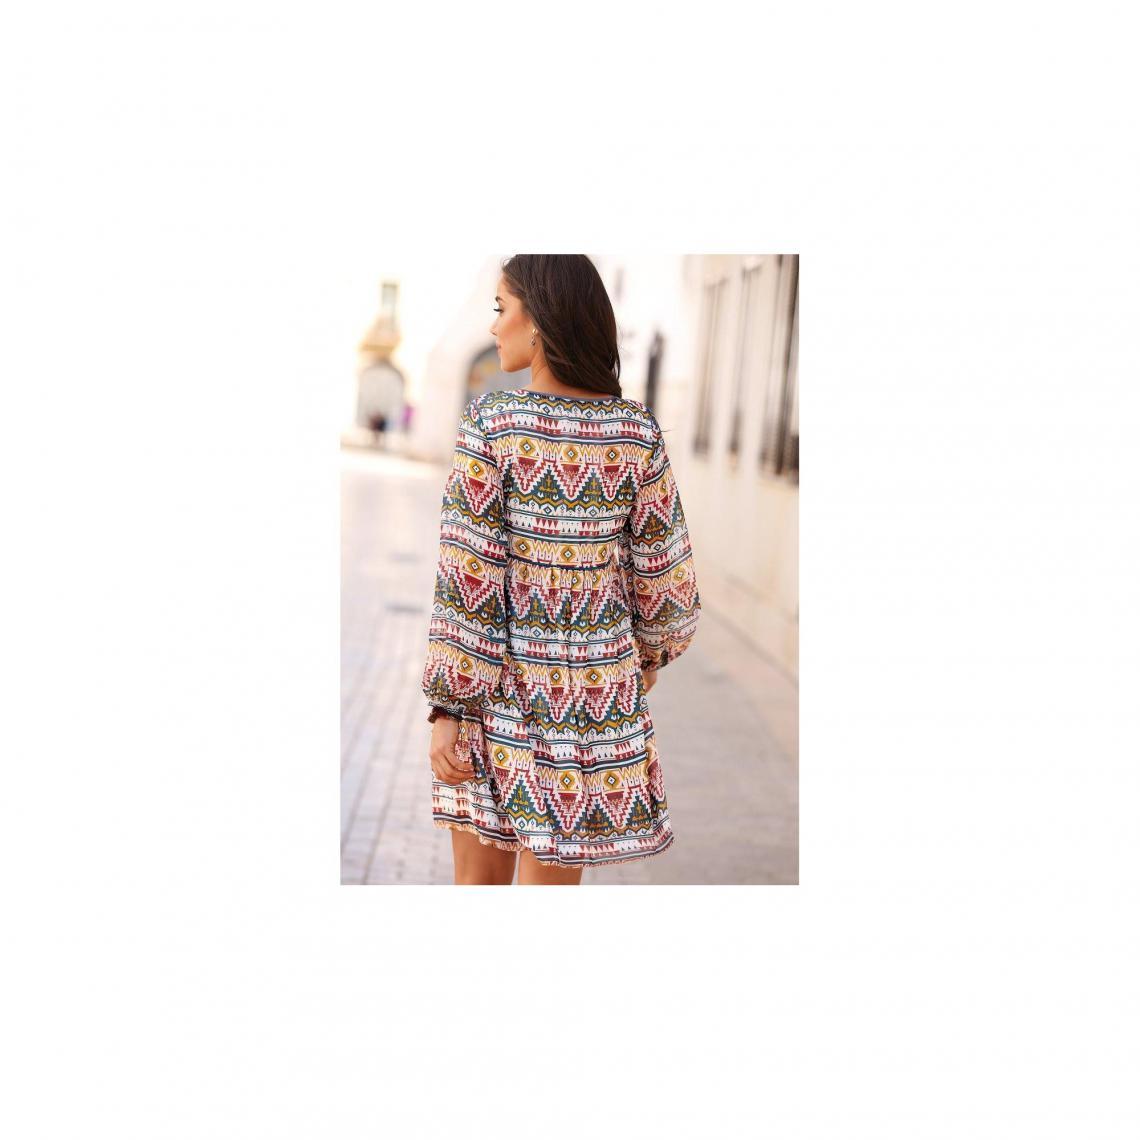 b3436336370 Robes courtes femme 3 SUISSES Cliquez l image pour l agrandir. Robe courte imprimée  manches longues élastiquées ...